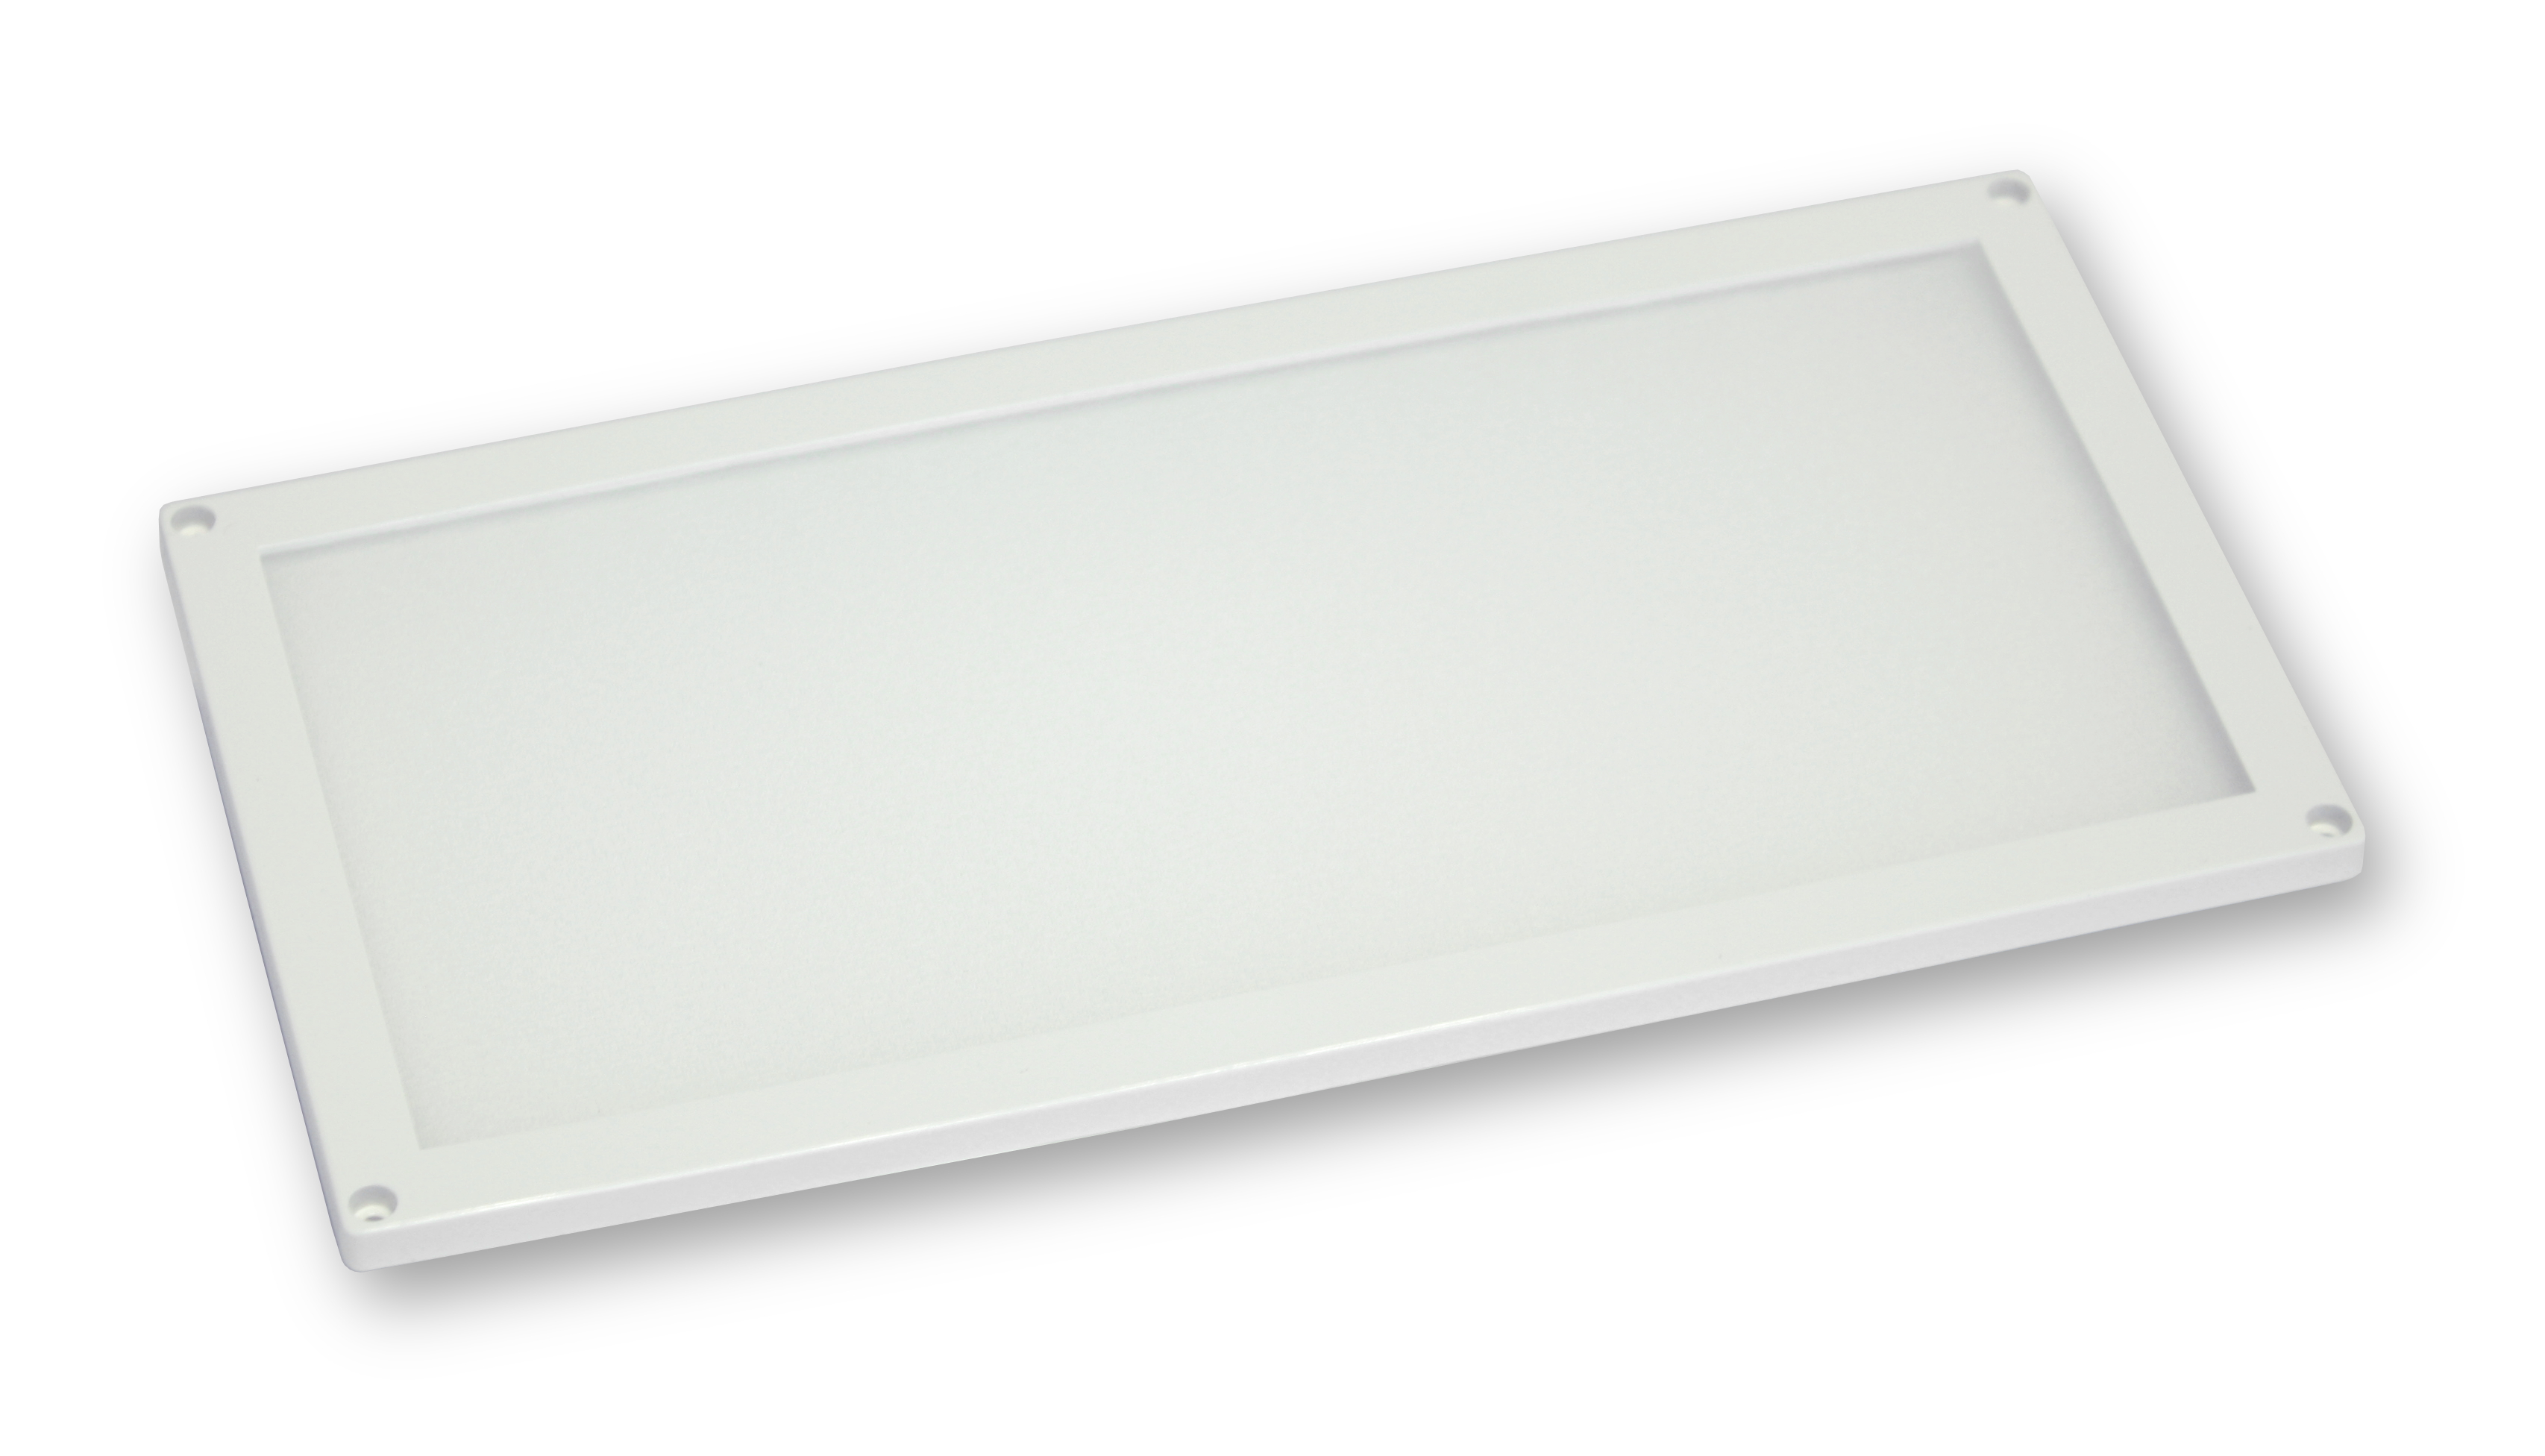 Plafoniere Slim Led Calda : Plafoniera slim mm bianca pan b